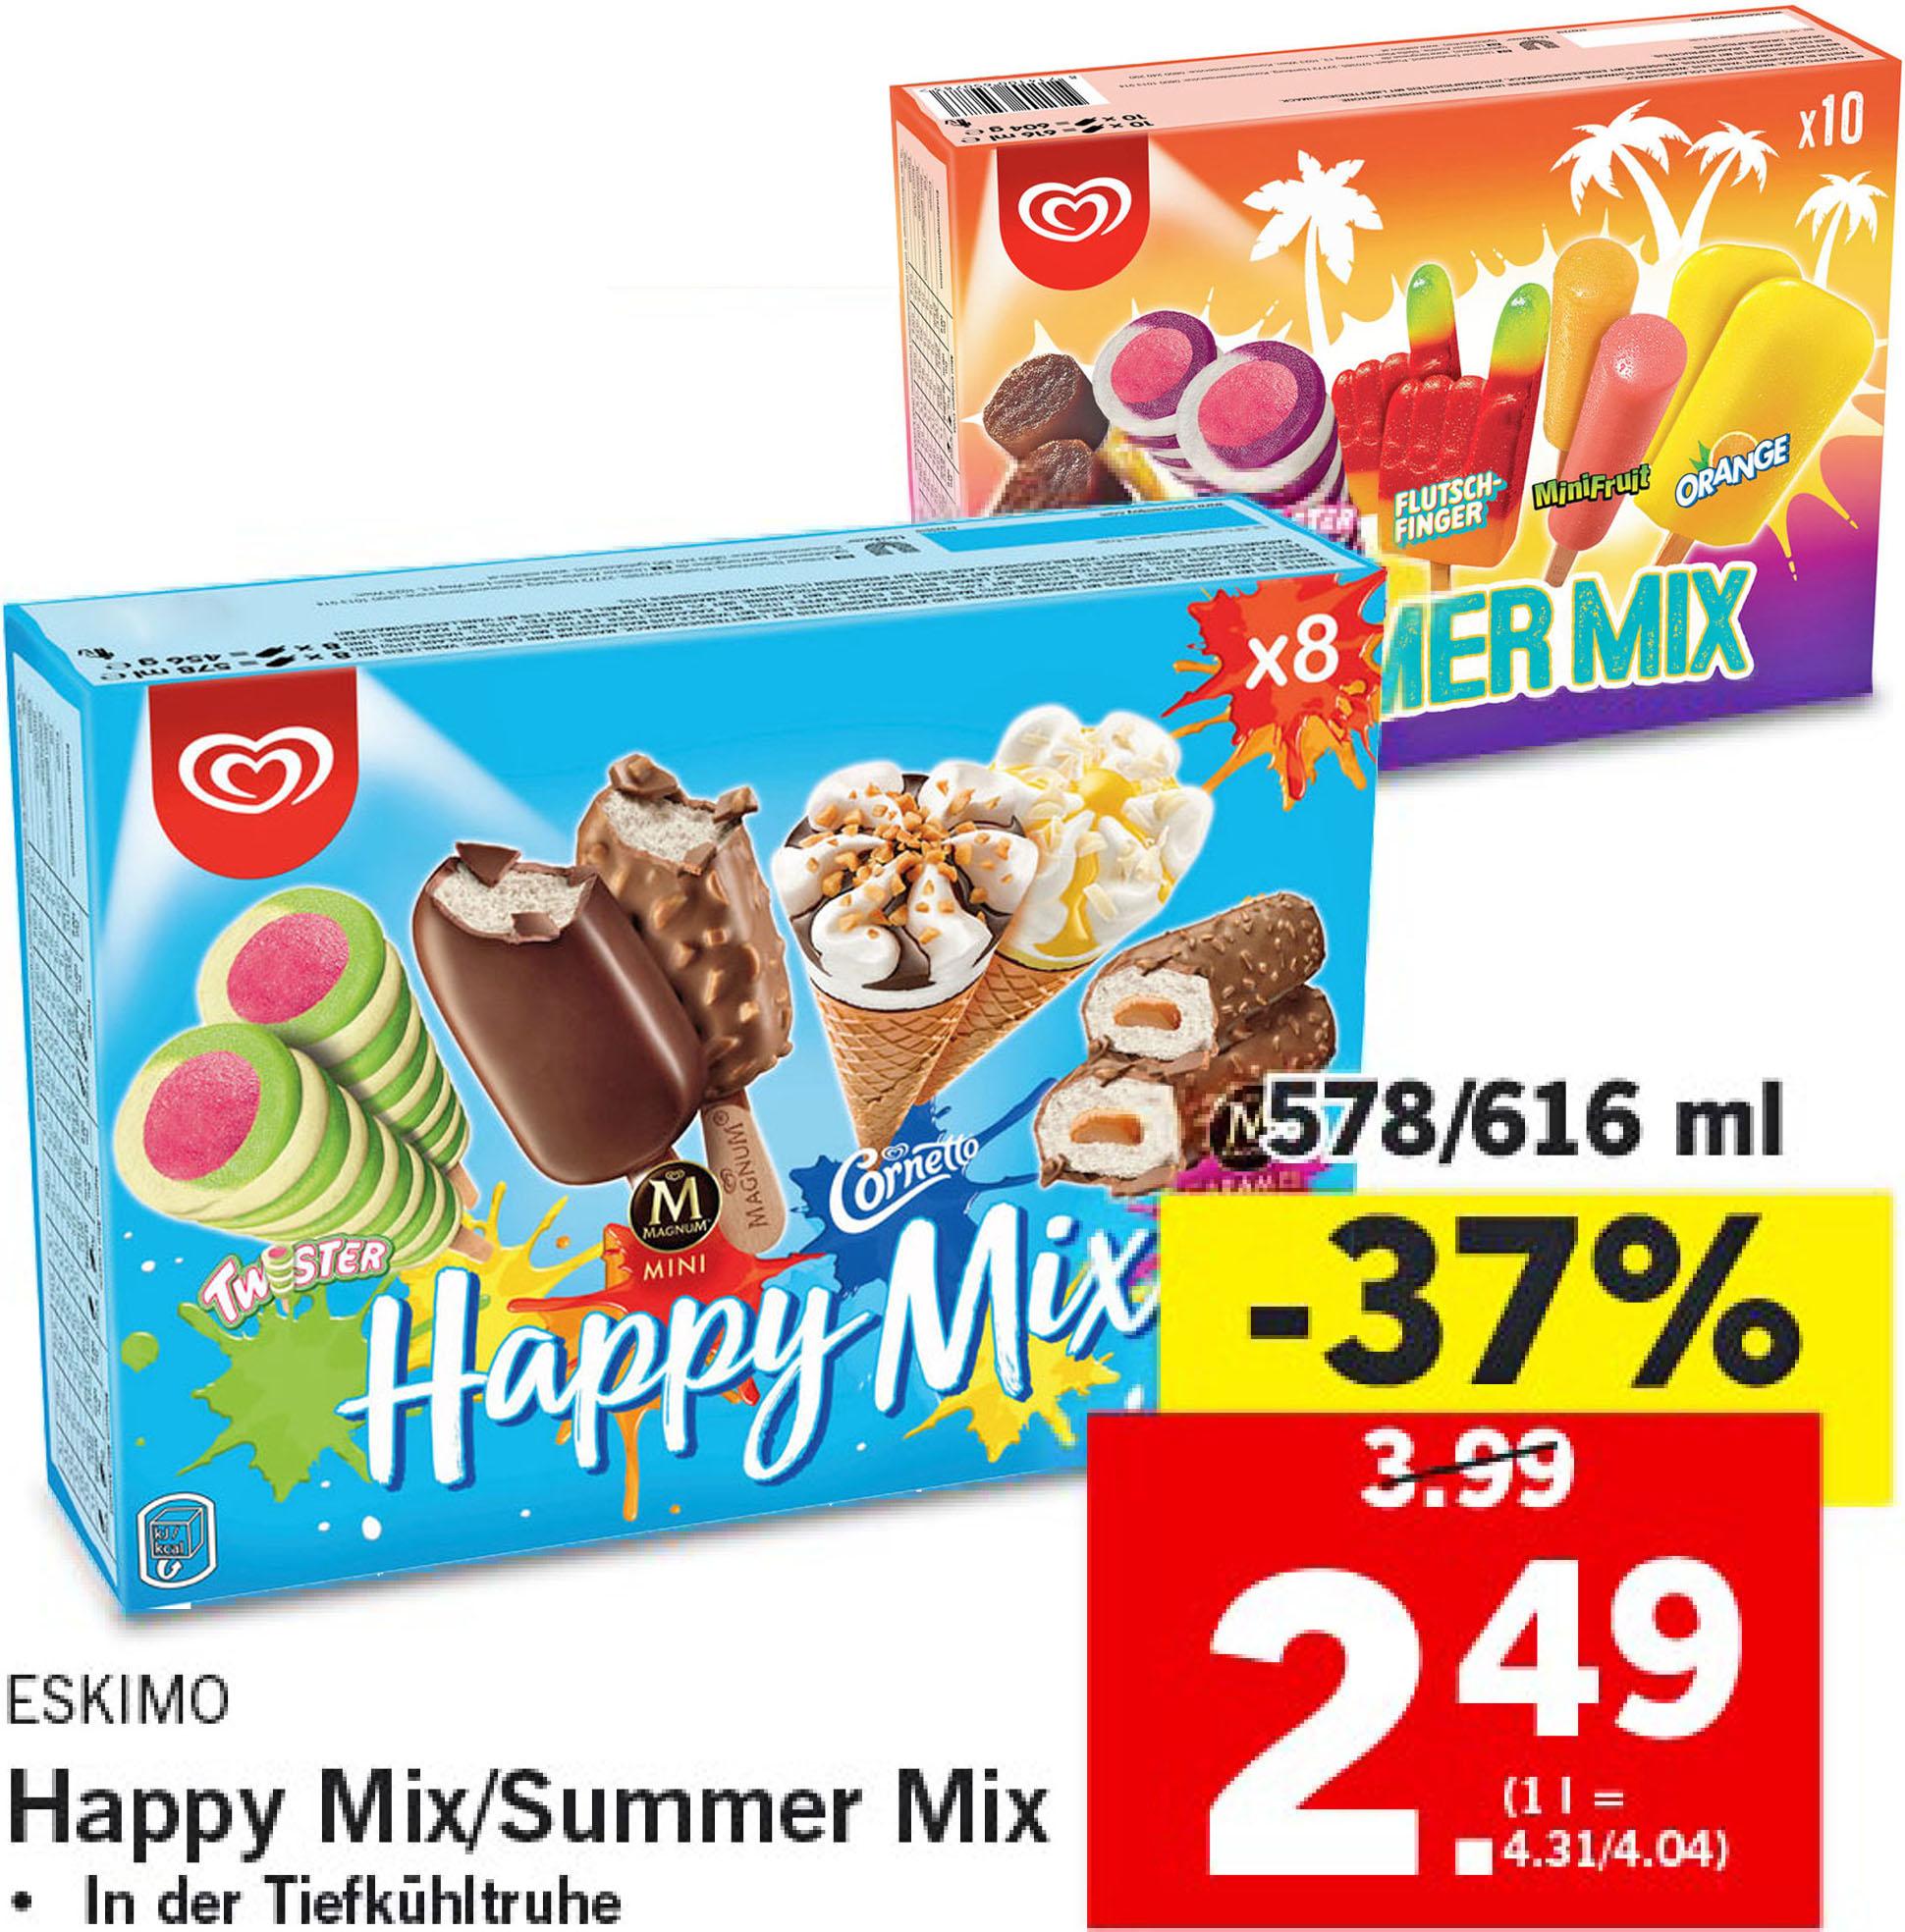 Lidl hat den Happy Mix von Eskimo um nur 2,49€ im Angebot